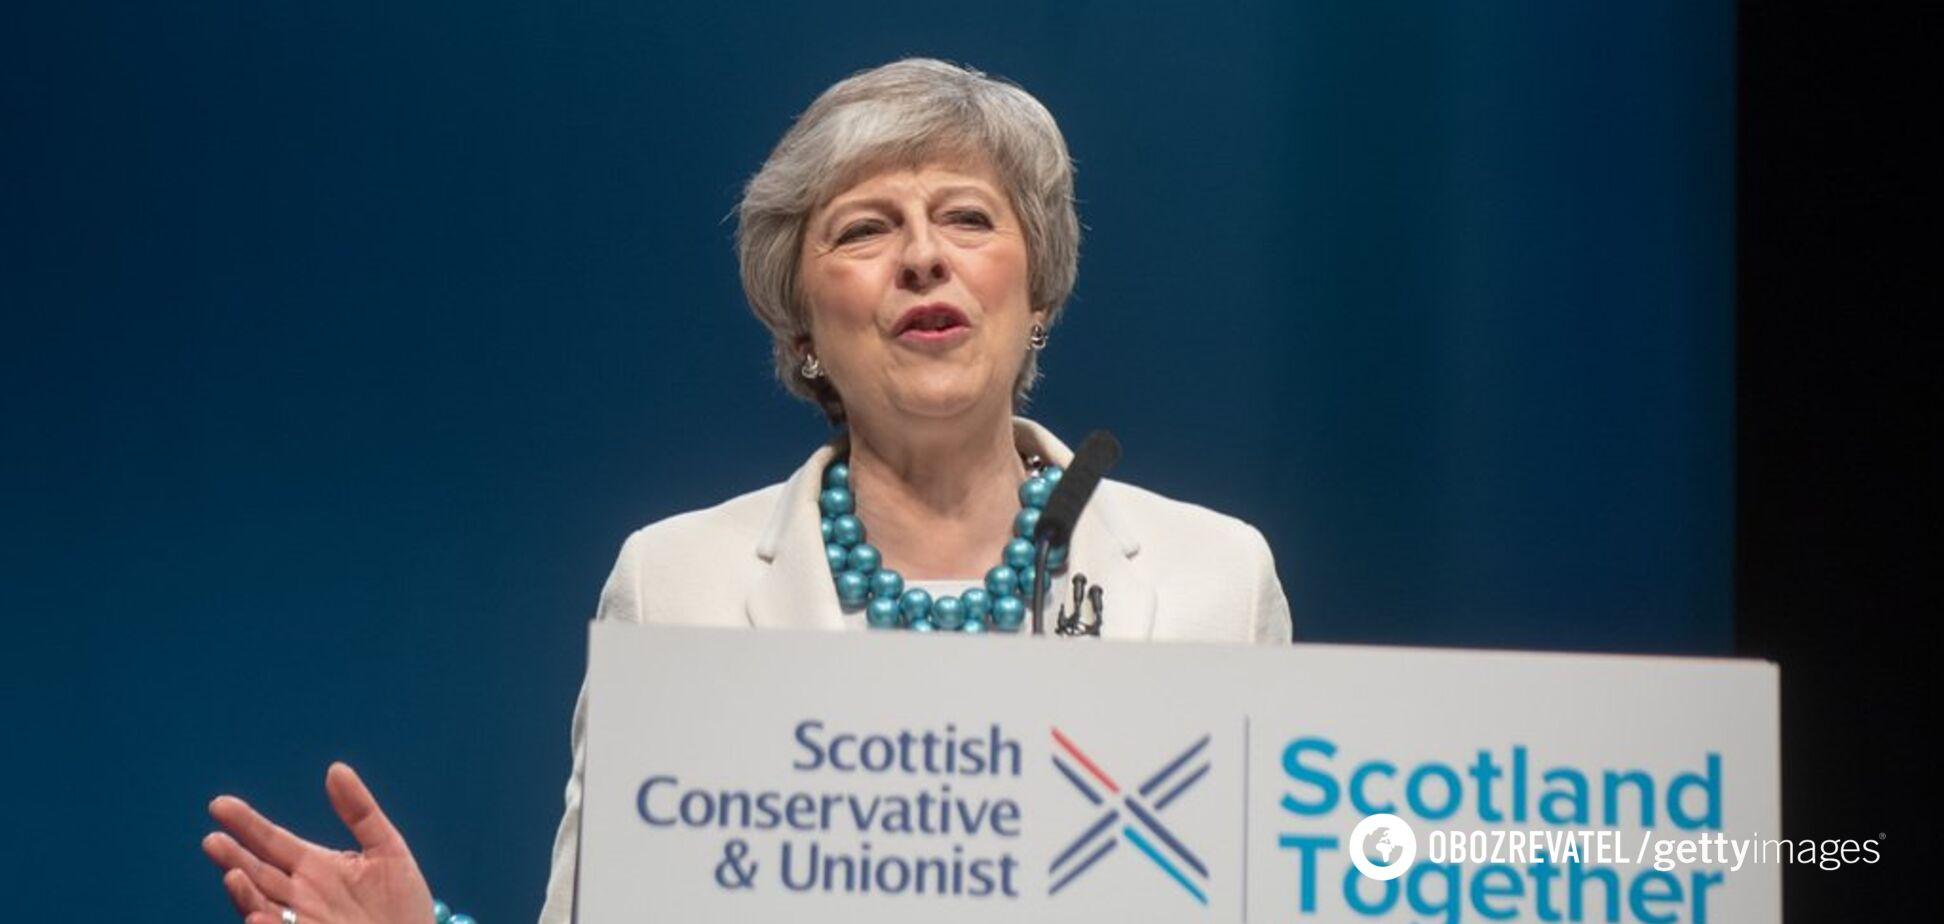 'Ви не потрібні нам!' Партія Мей зазнала нищівної поразки на виборах у Британії